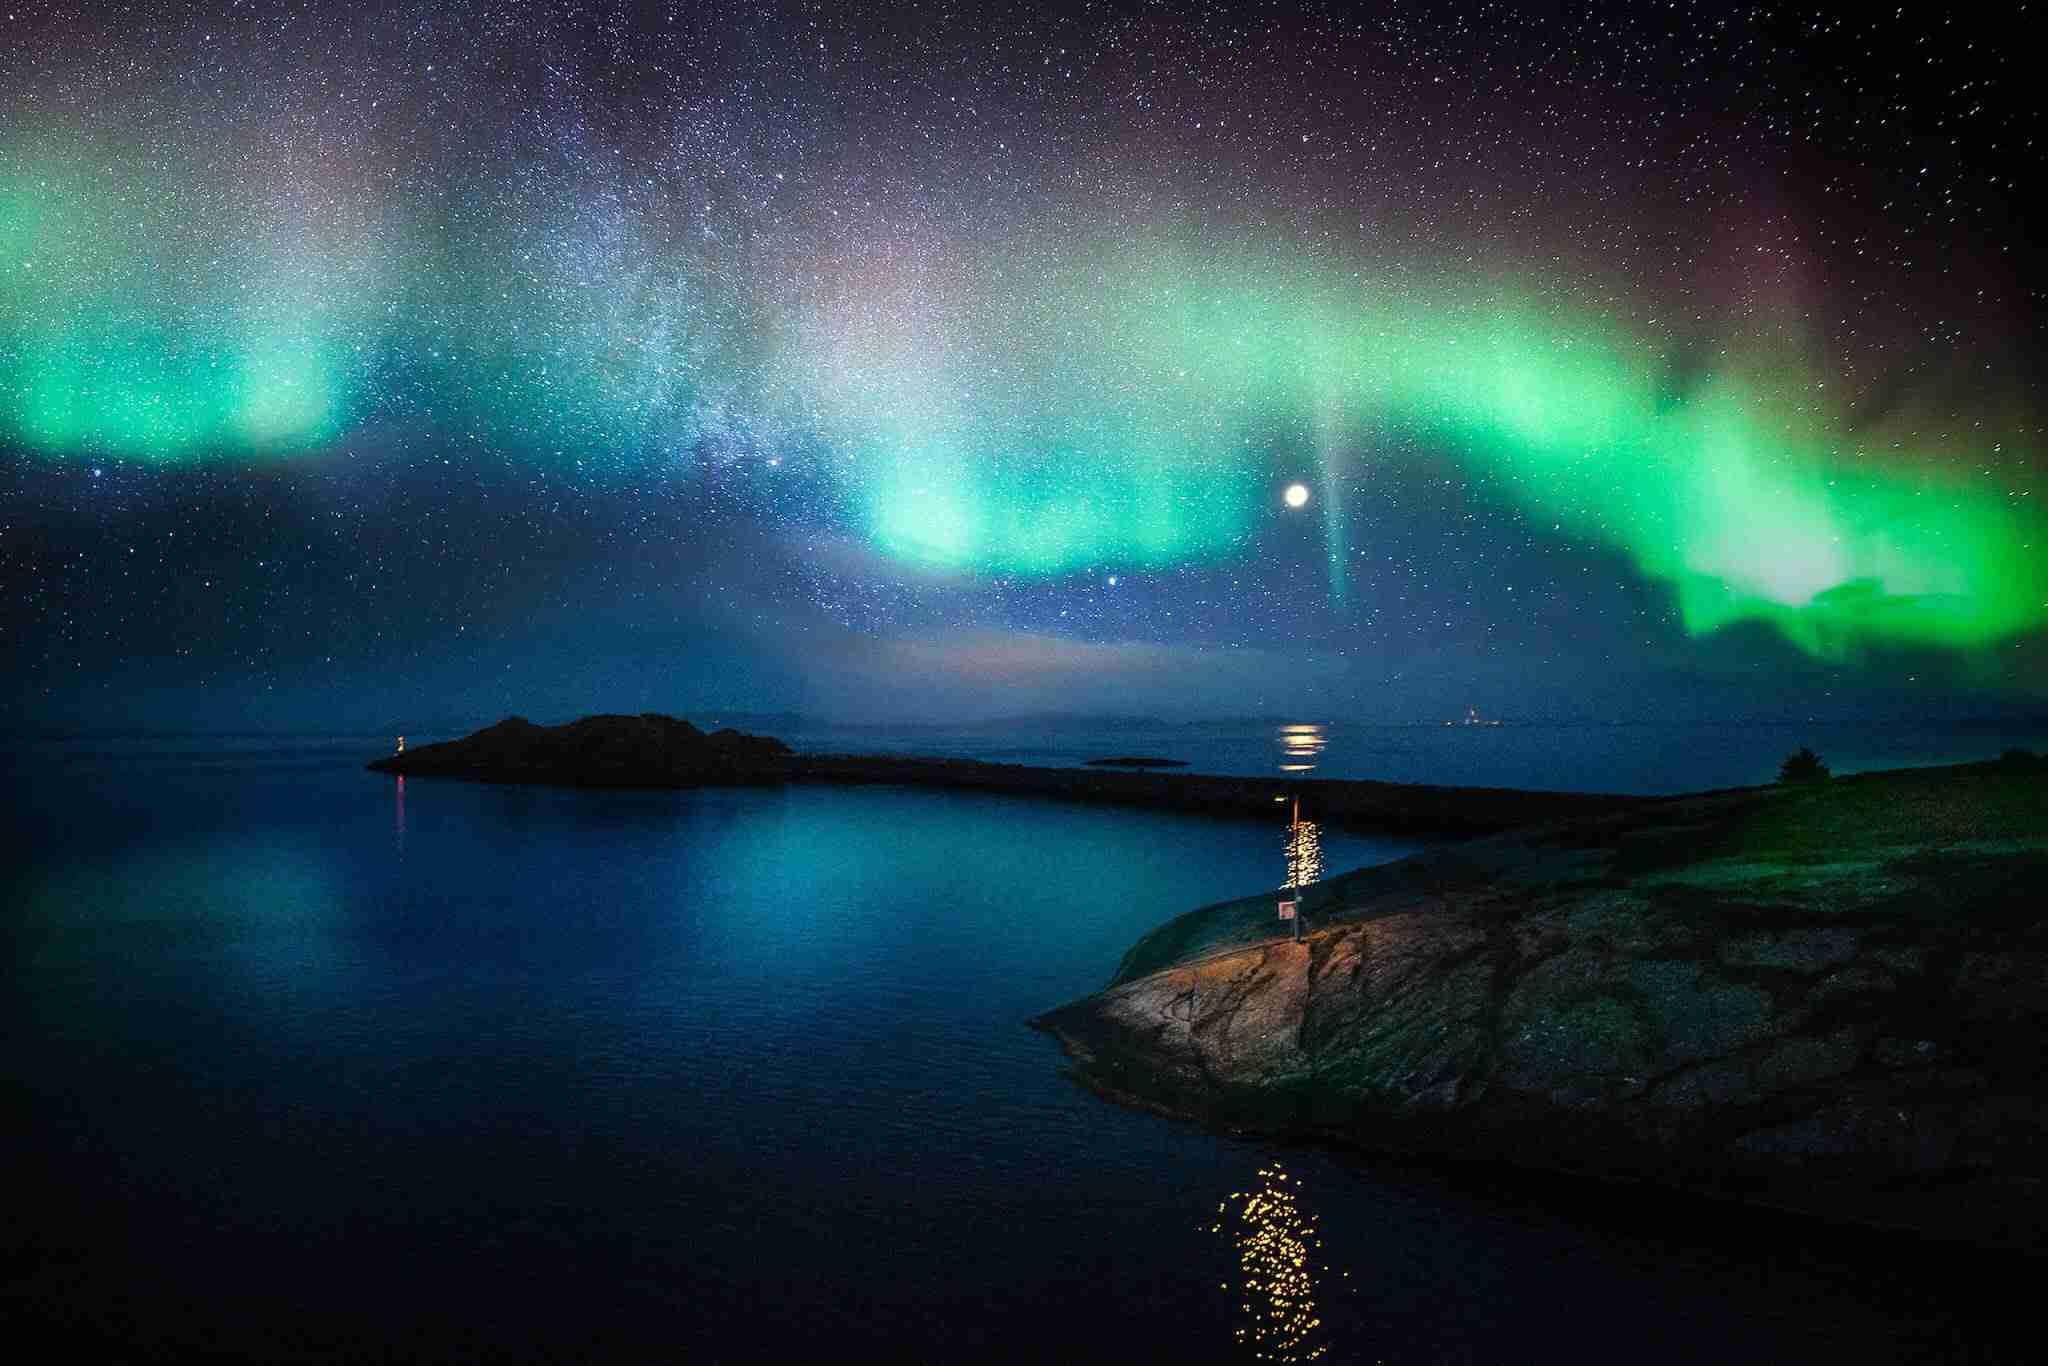 素敵な『夜』の画像が集まるトピ